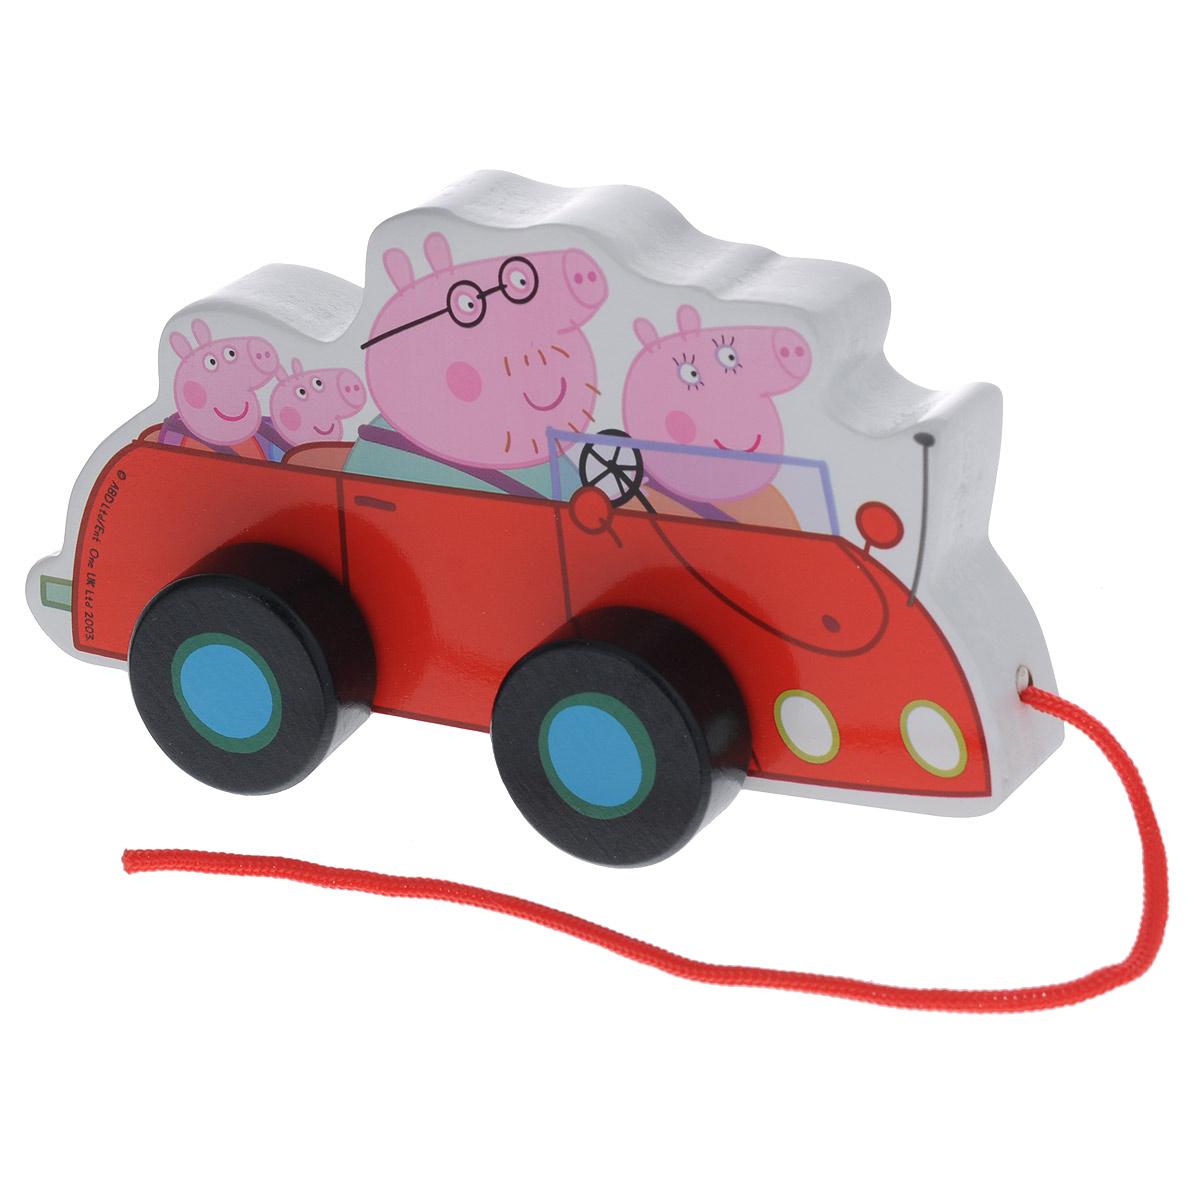 Купить Деревянная игрушка-каталка Peppa Pig Машина семьи Пеппы , Первые игрушки